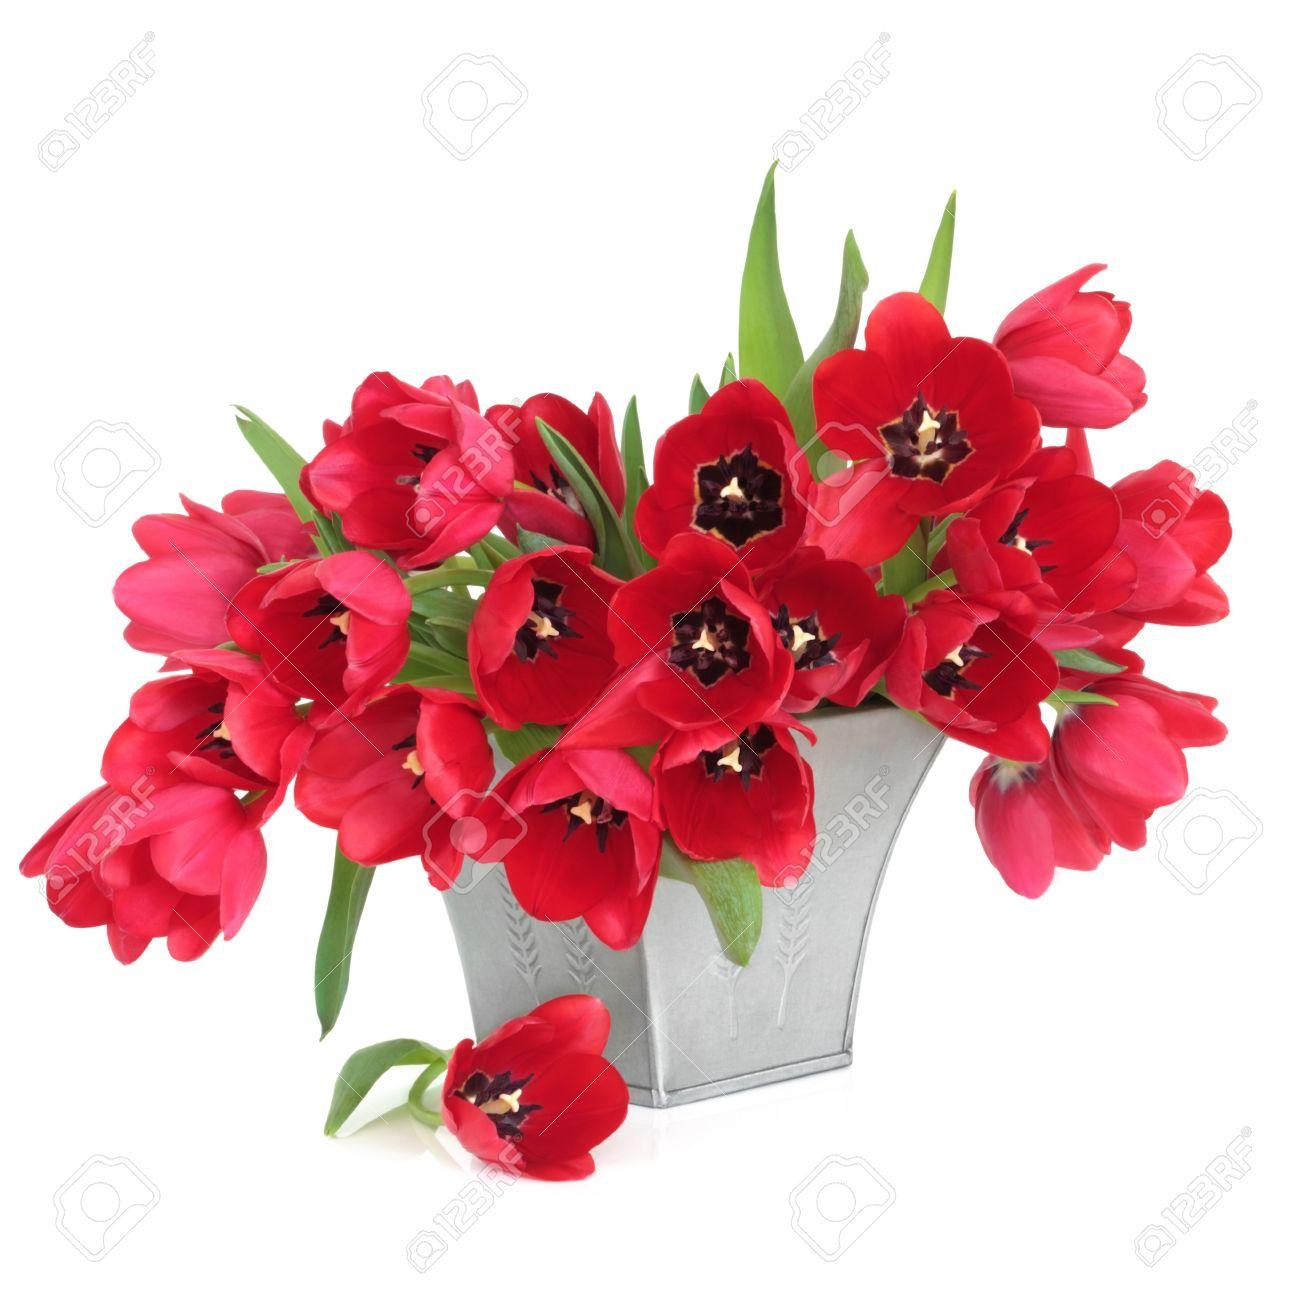 Tulipán Rojo Arreglo Floral En Un Vaso De Peltre Aislado Sobre Fondo Blanco